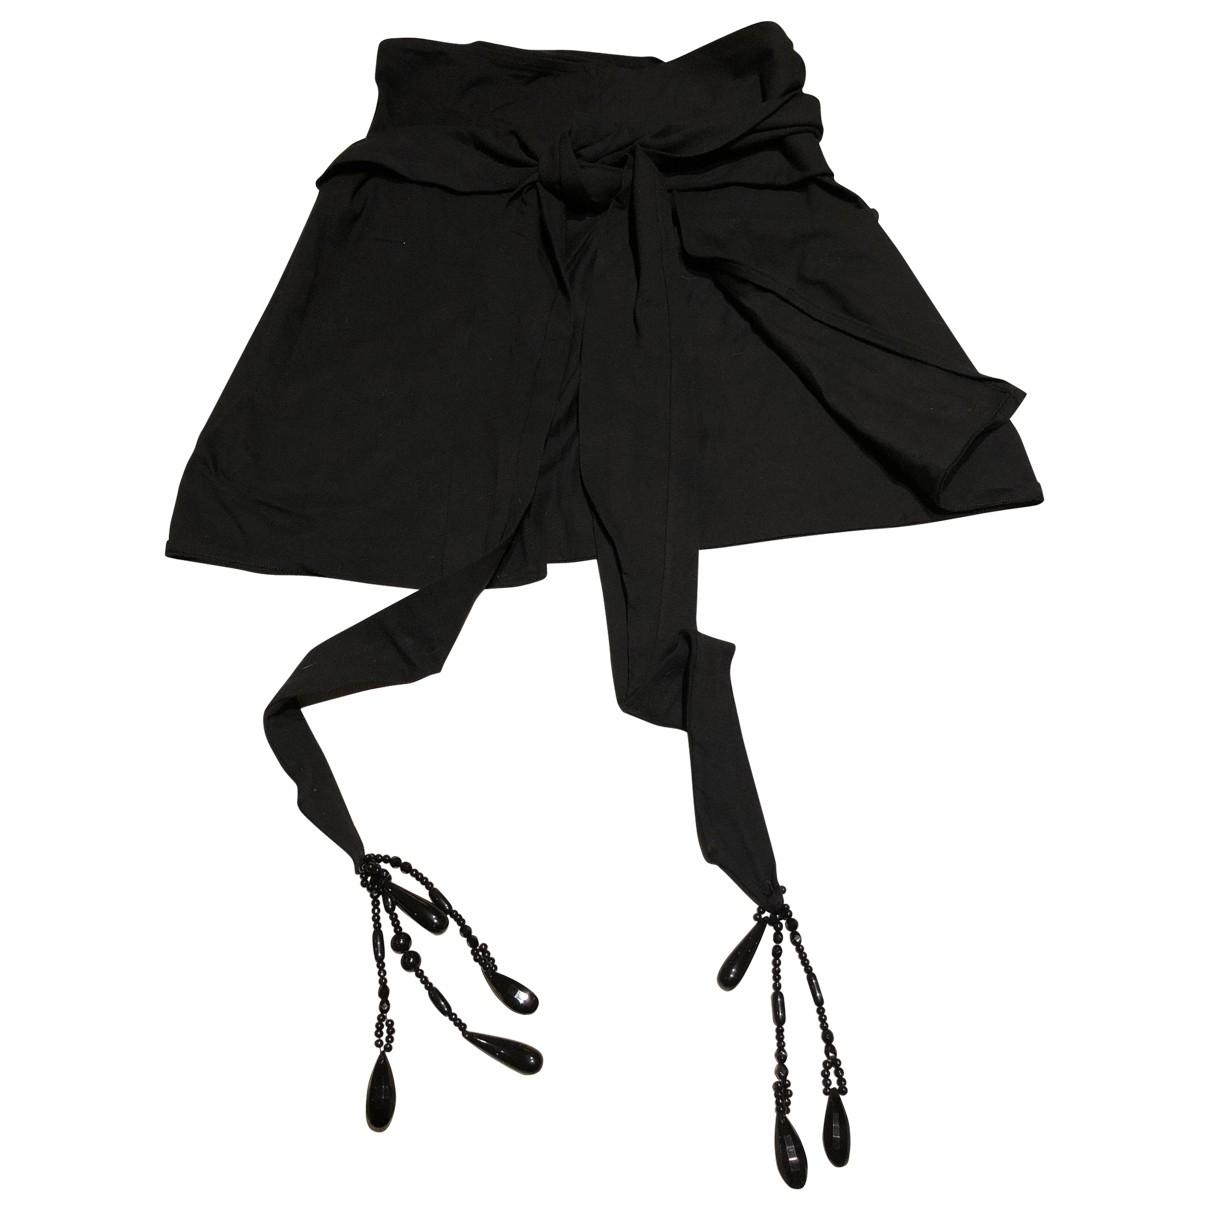 Bañadore en Algodon - elastano Negro Dolce & Gabbana